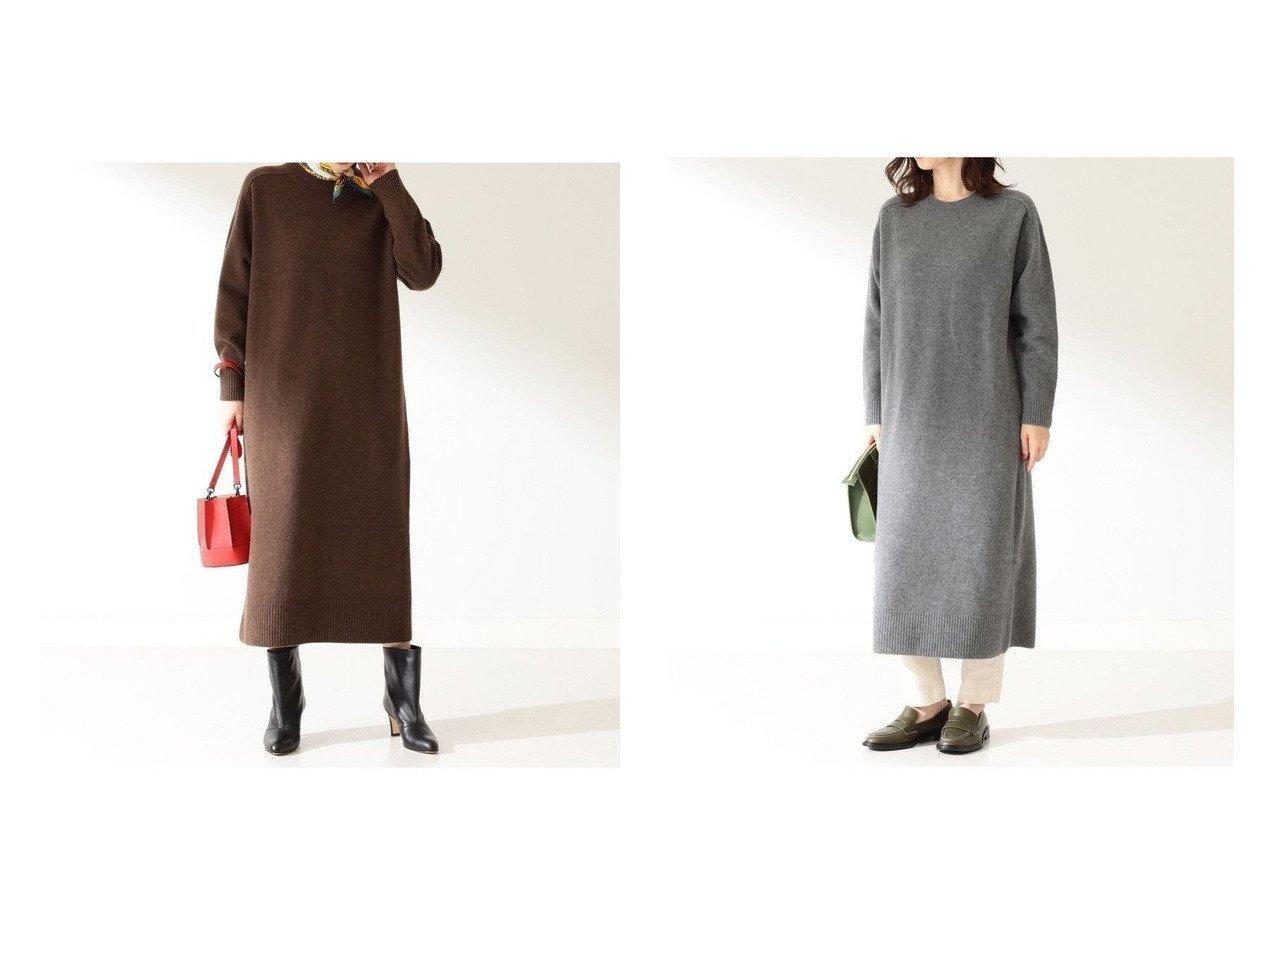 【Demi-Luxe BEAMS/デミルクス ビームス】のフリースウール ワンピース ワンピース・ドレスのおすすめ!人気、トレンド・レディースファッションの通販 おすすめで人気の流行・トレンド、ファッションの通販商品 メンズファッション・キッズファッション・インテリア・家具・レディースファッション・服の通販 founy(ファニー) https://founy.com/ ファッション Fashion レディースファッション WOMEN ワンピース Dress シャツワンピース Shirt Dresses ショルダー 再入荷 Restock/Back in Stock/Re Arrival  ID:crp329100000011965